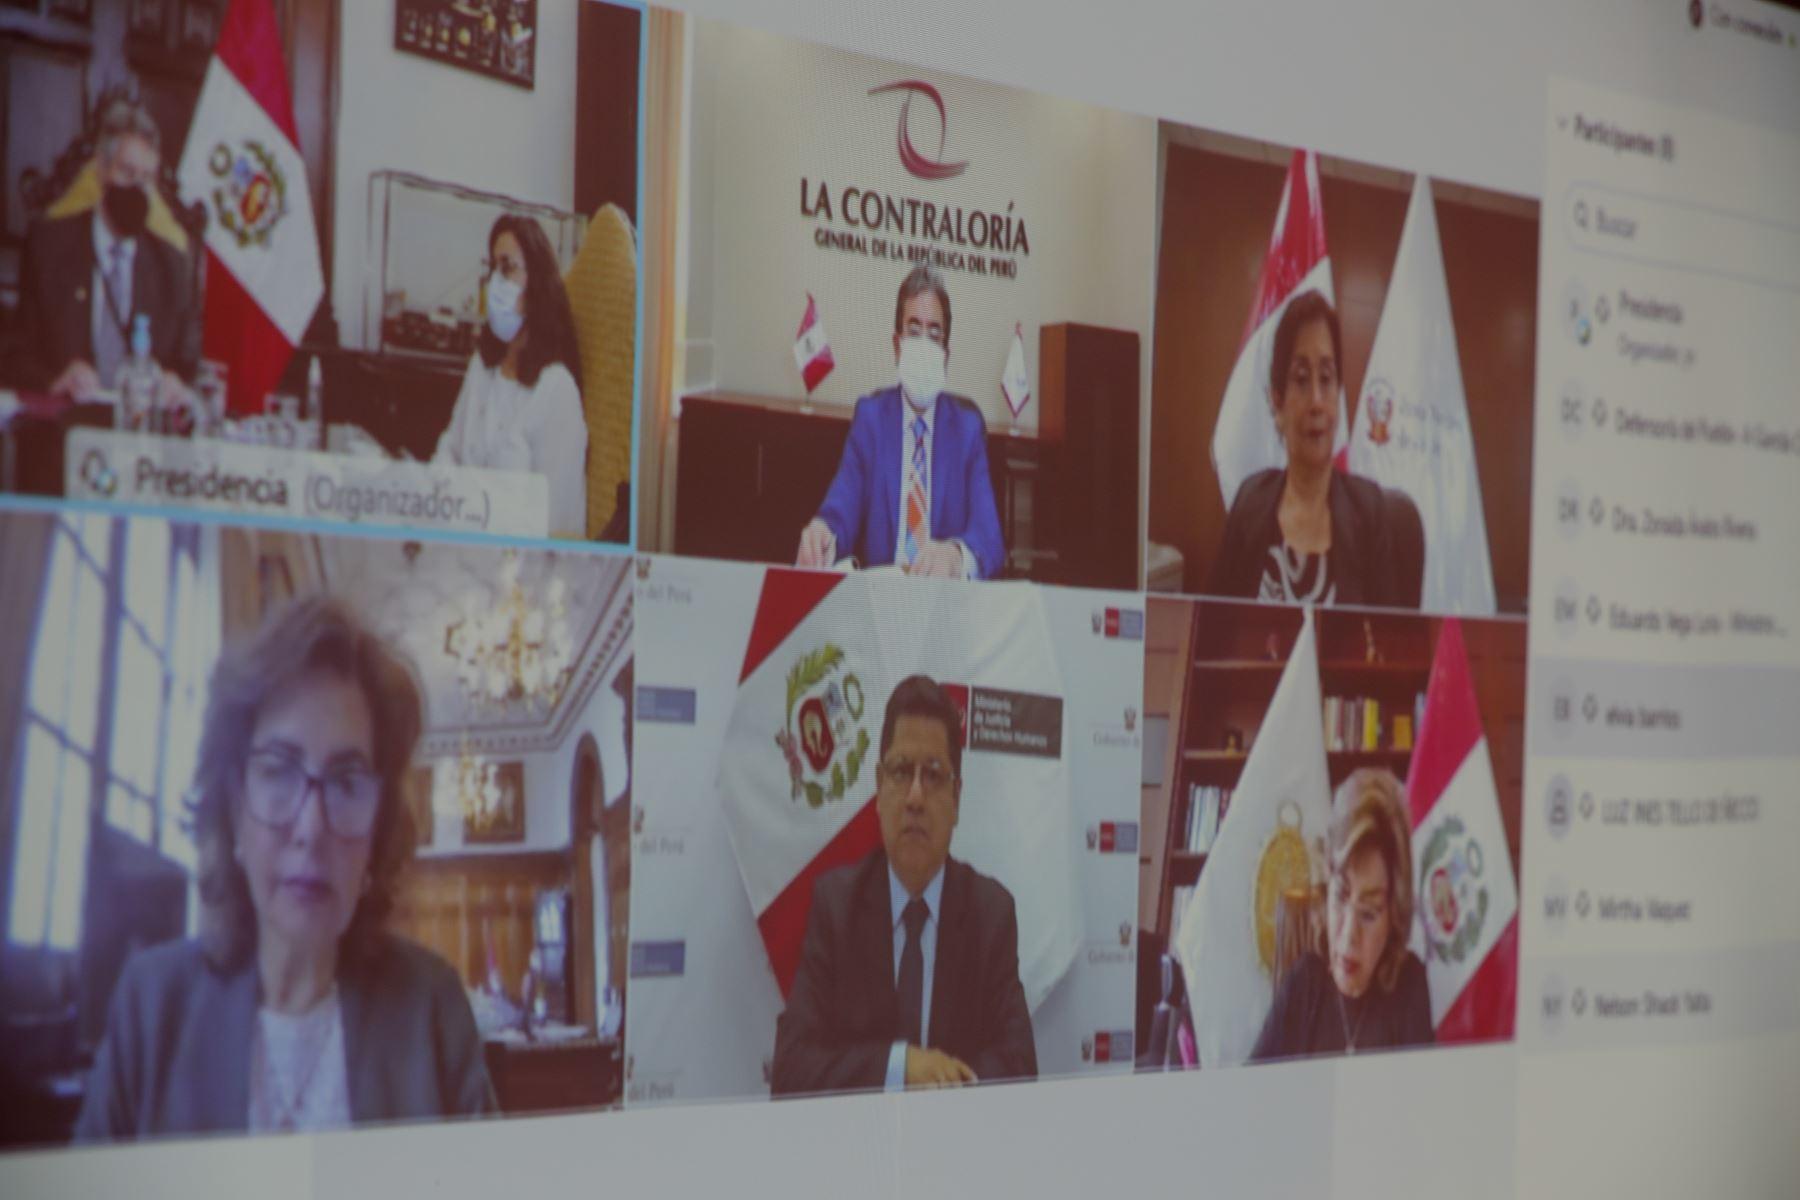 El presidente Francisco Sagasti, lideró la sesión de reinstalación del Consejo para la Reforma del Sistema de Justicia, instancia donde se evaluó la propuesta de Política de Reforma del Sistema de Justicia y proyectos normativos para impulsar cambios en la justicia. Foto: ANDINA/ Prensa Presidencia